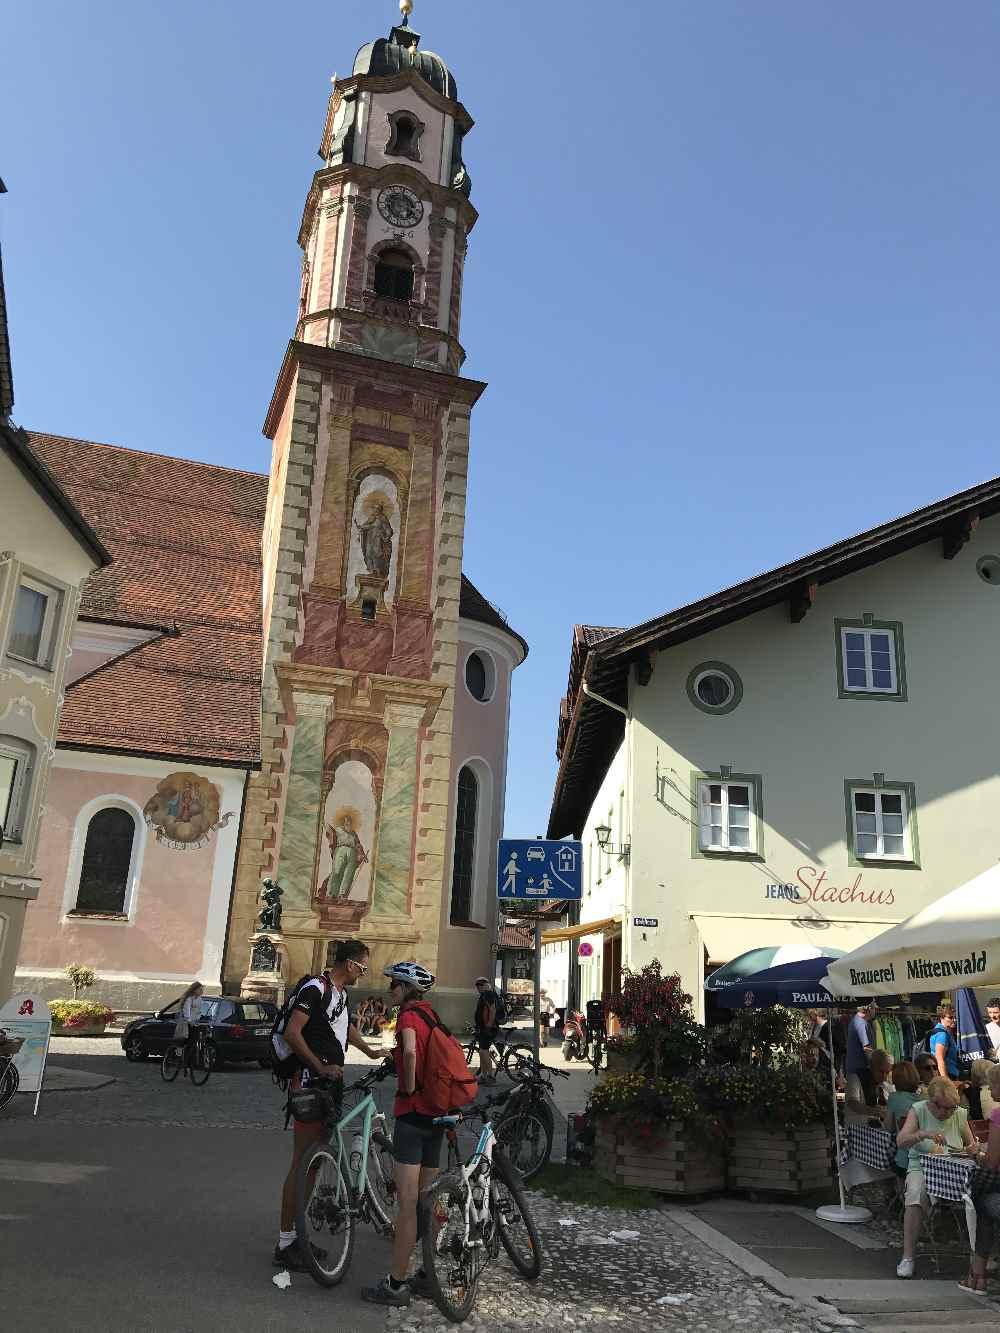 St. Peter und Paul - die Kirche in Mittenwald, mitten in der Altstadt